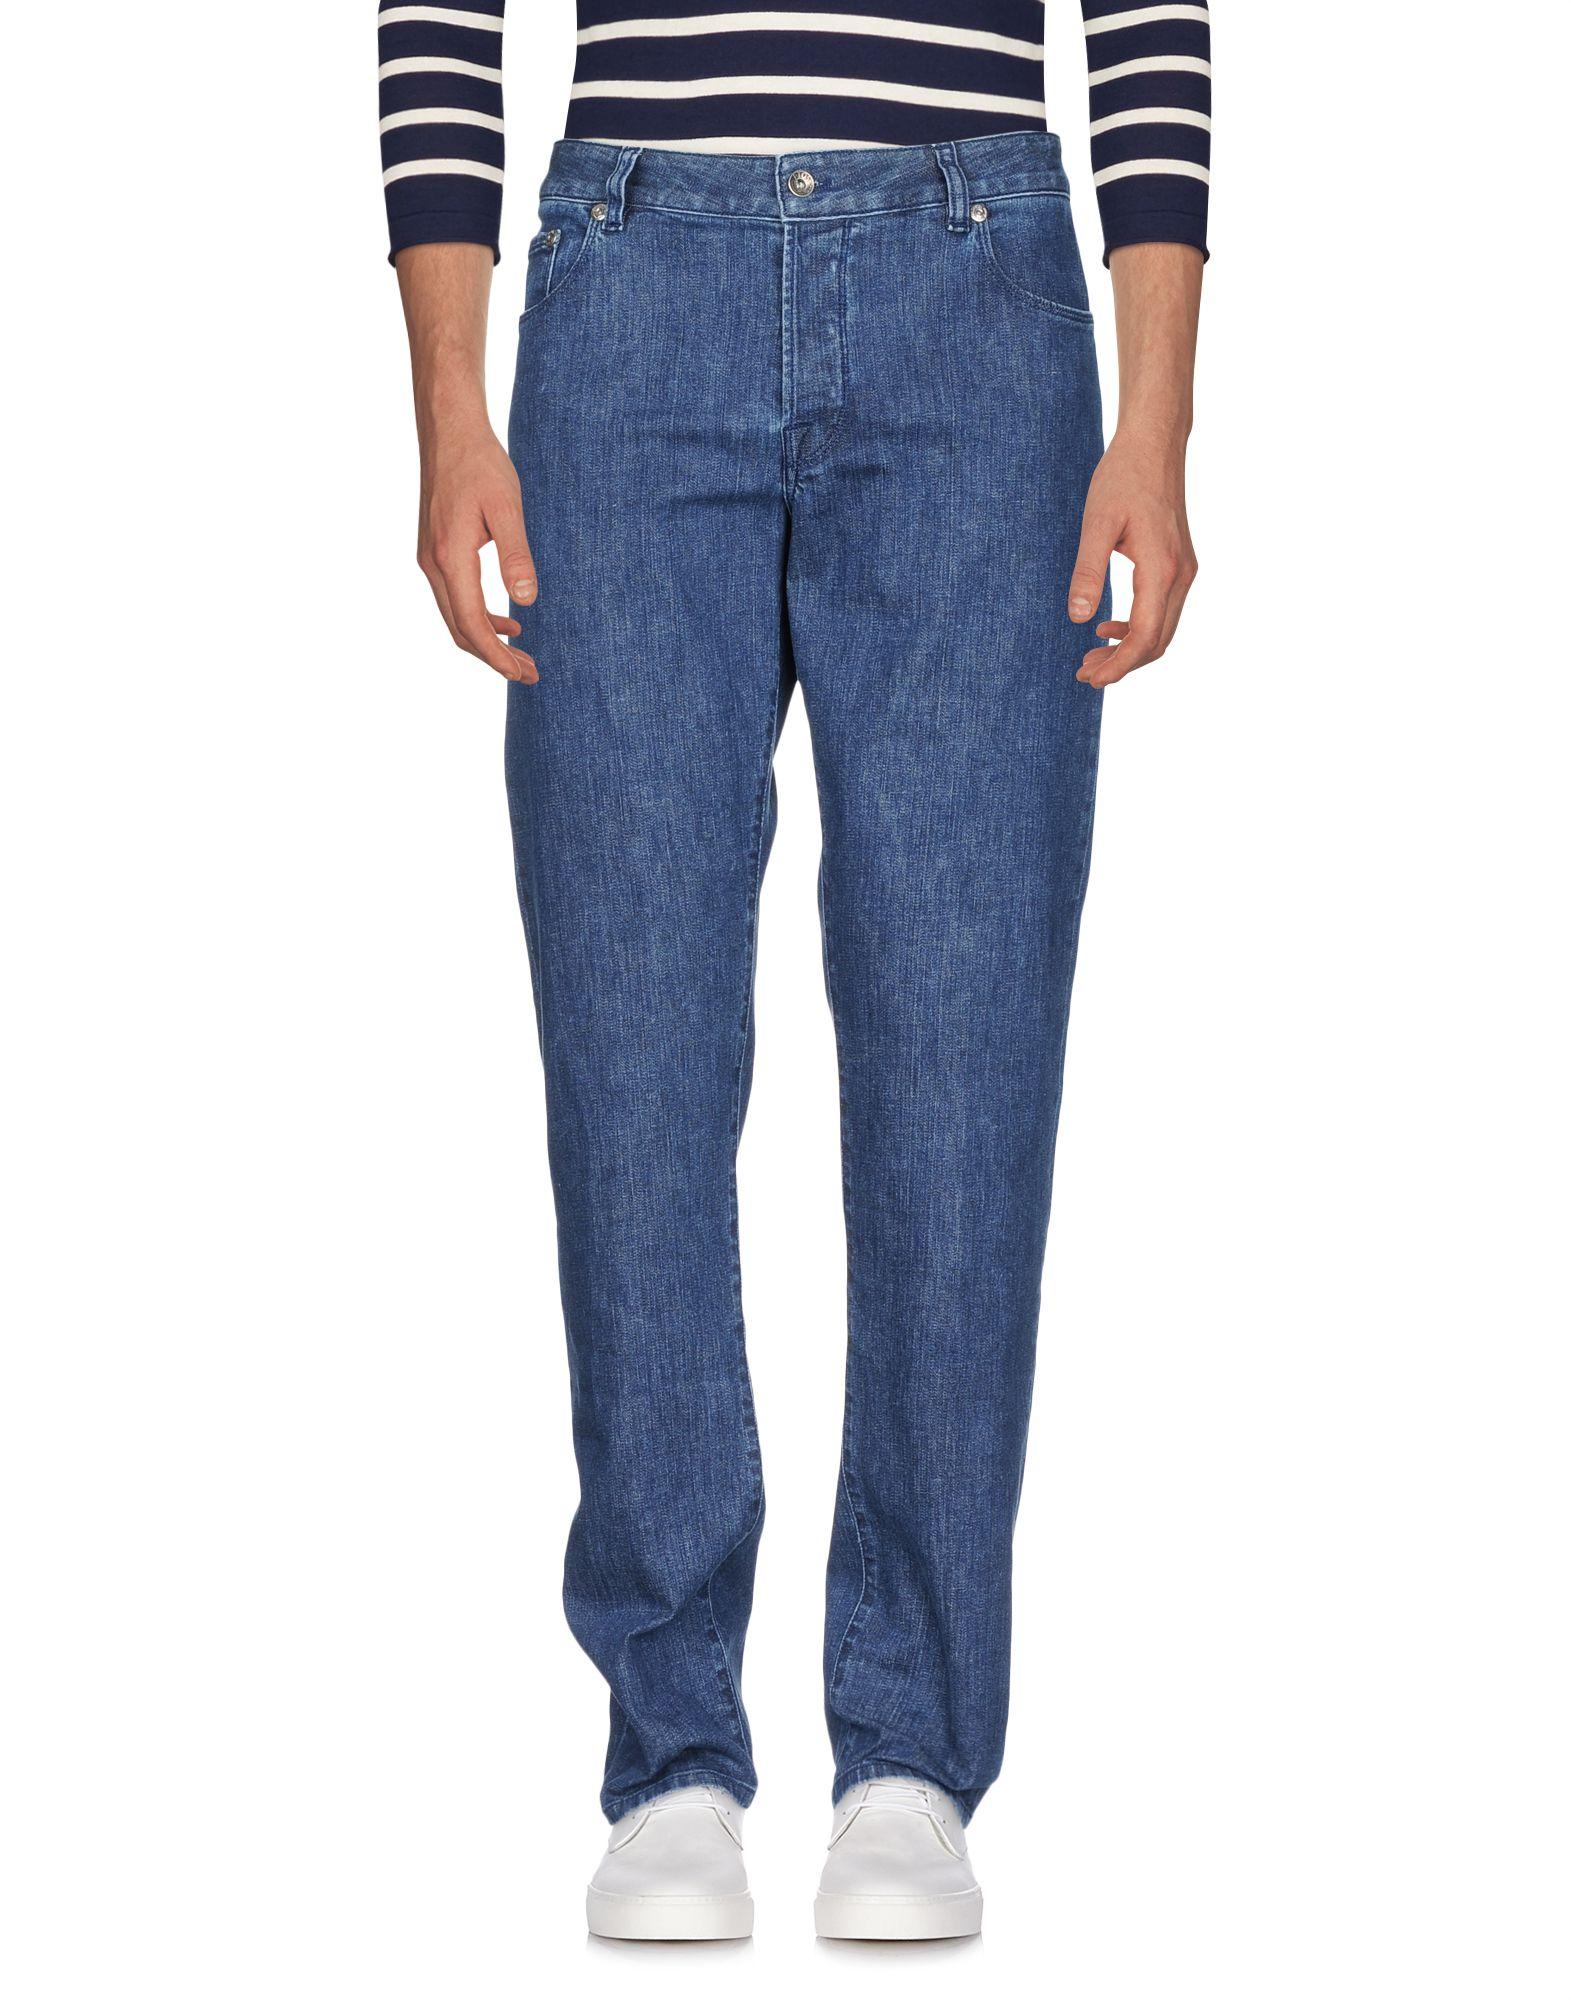 Pantaloni Jeans Pt05 42662151AG Uomo - 42662151AG Pt05 066105